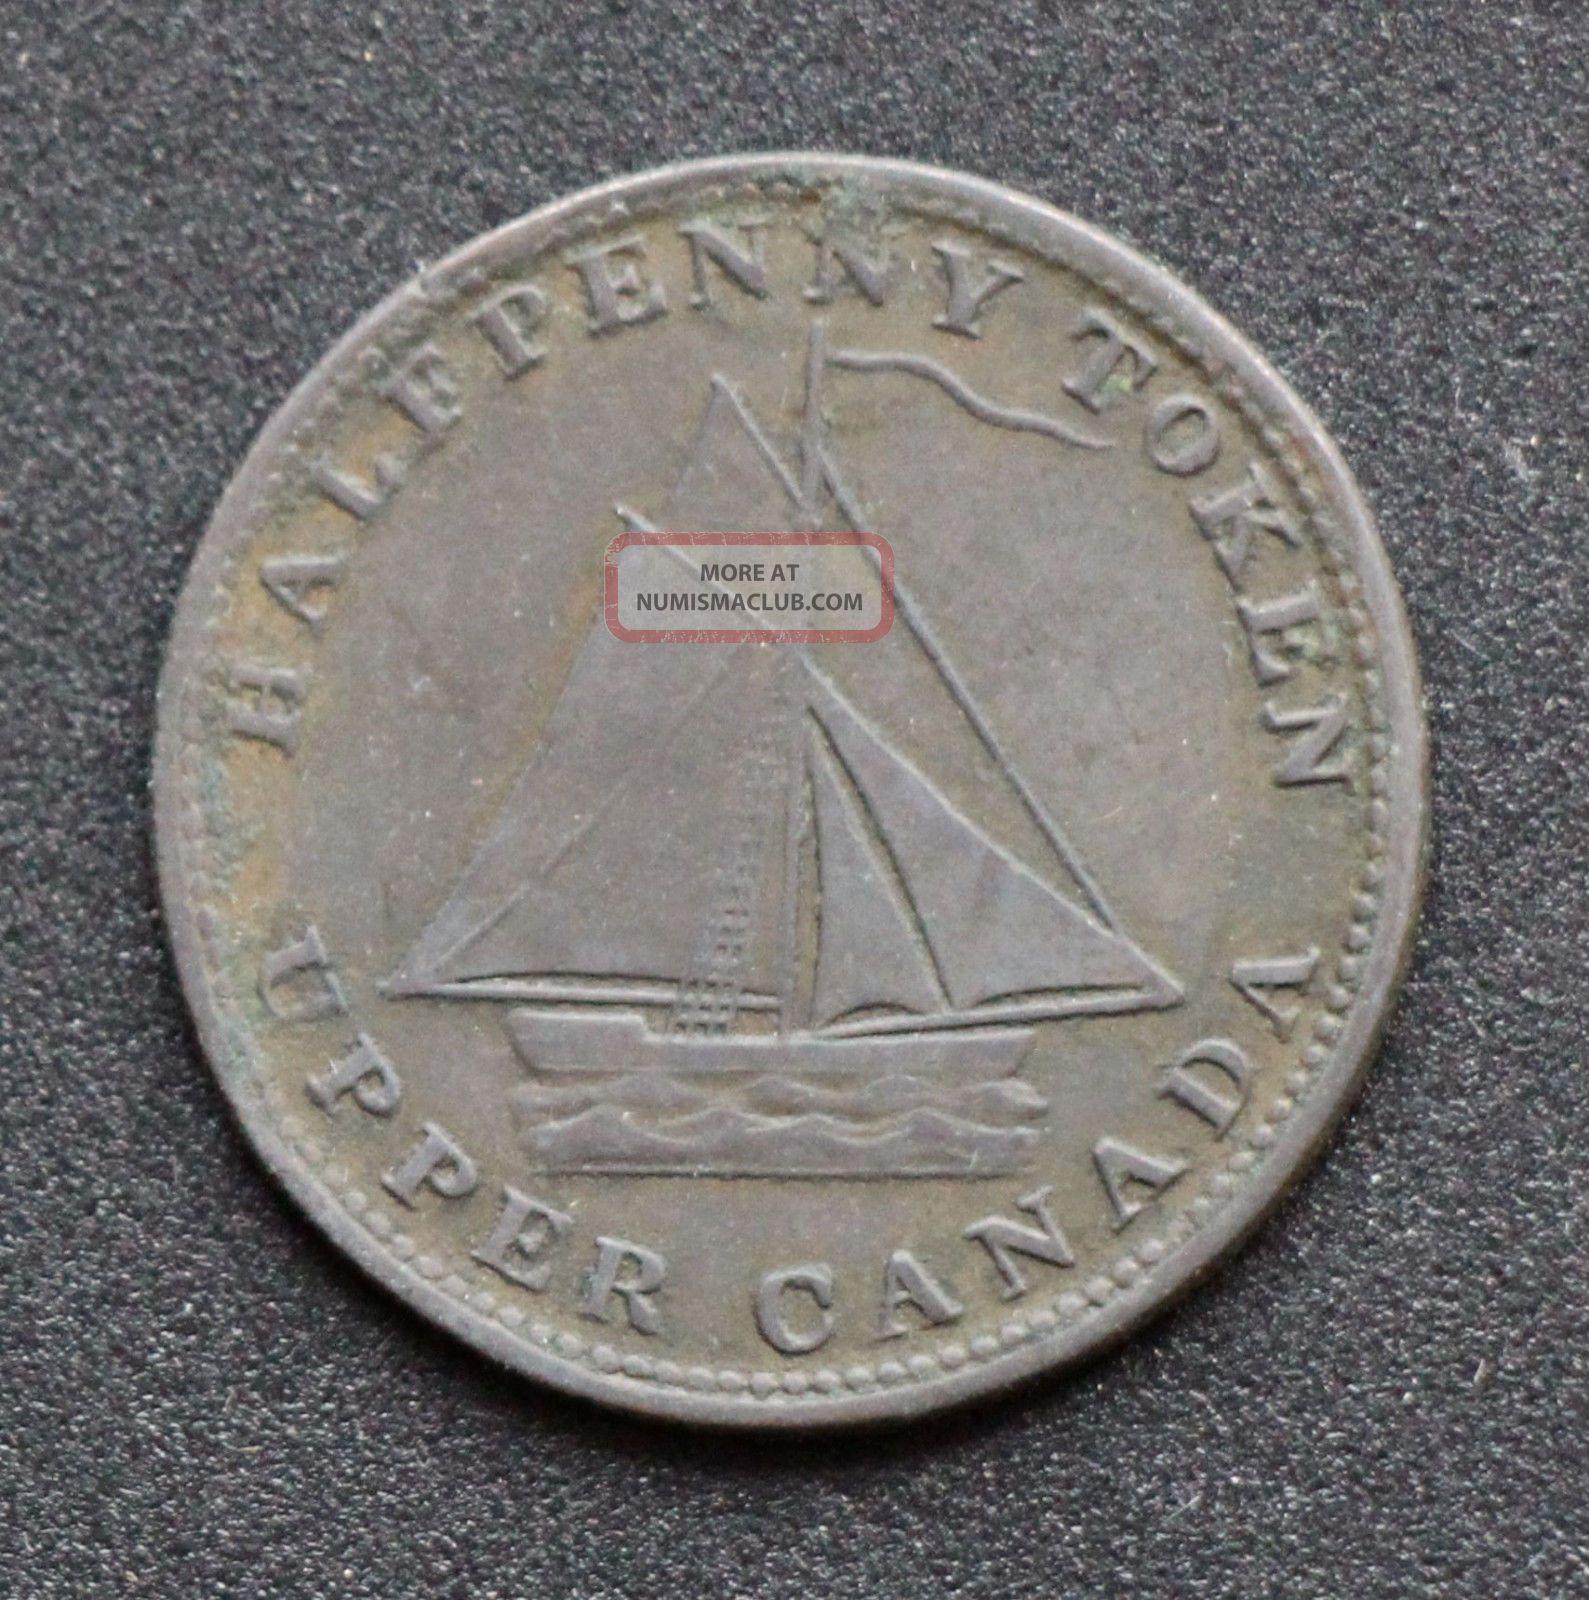 Upper Canada Sloop Halfpenny Token Breton Br 727 Ch Uc - 9a3 Coins: Canada photo